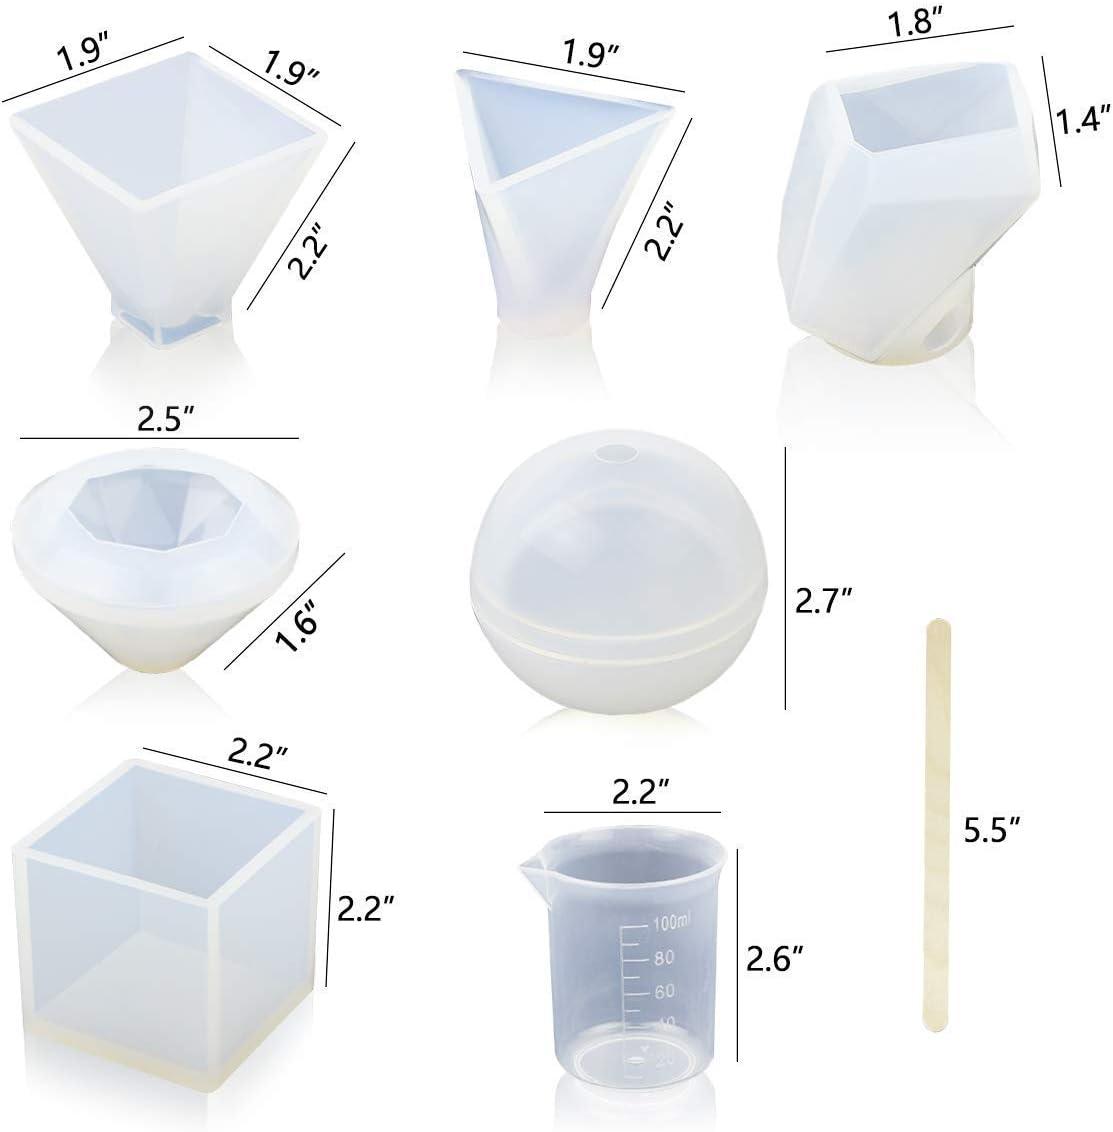 diamant cubique Ddfly Lot de 8 moules en r/ésine pour moulage en r/ésine /époxy y compris sph/érique avec tasses et b/âtons de bois pyramide triangulaire pyramide et moule en forme de pierre